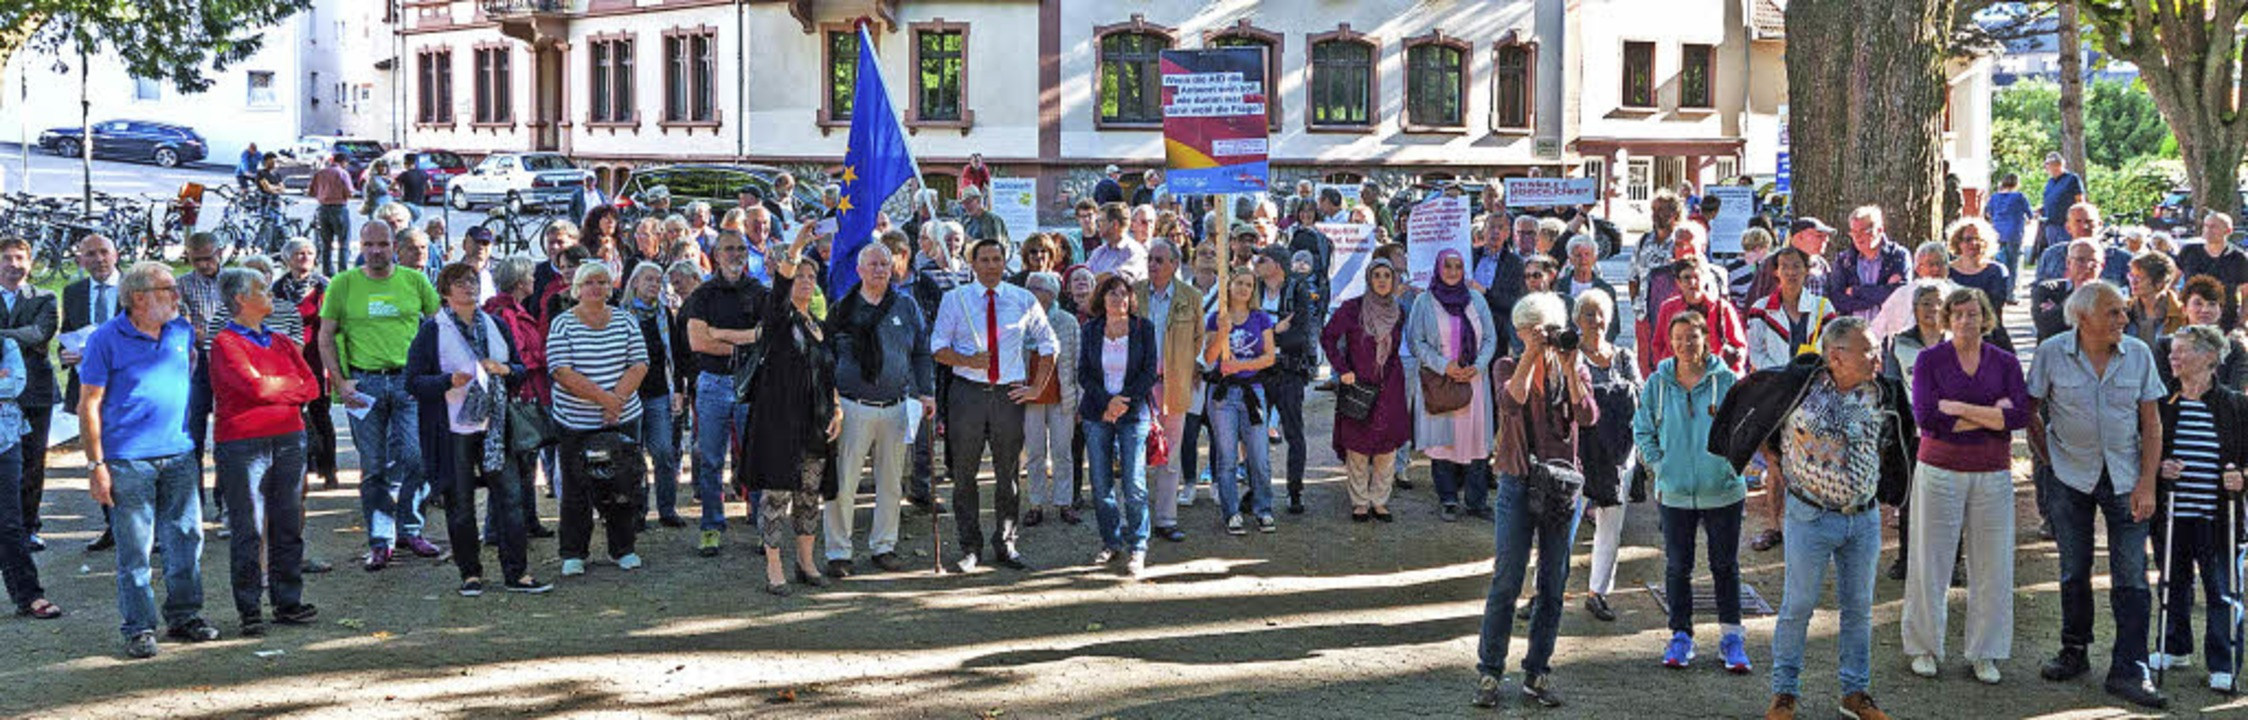 Gut 200 Menschen kamen zur Kundgebung ...Fechner mit einer große Europa-Fahne.   | Foto: Helmut Rothermel